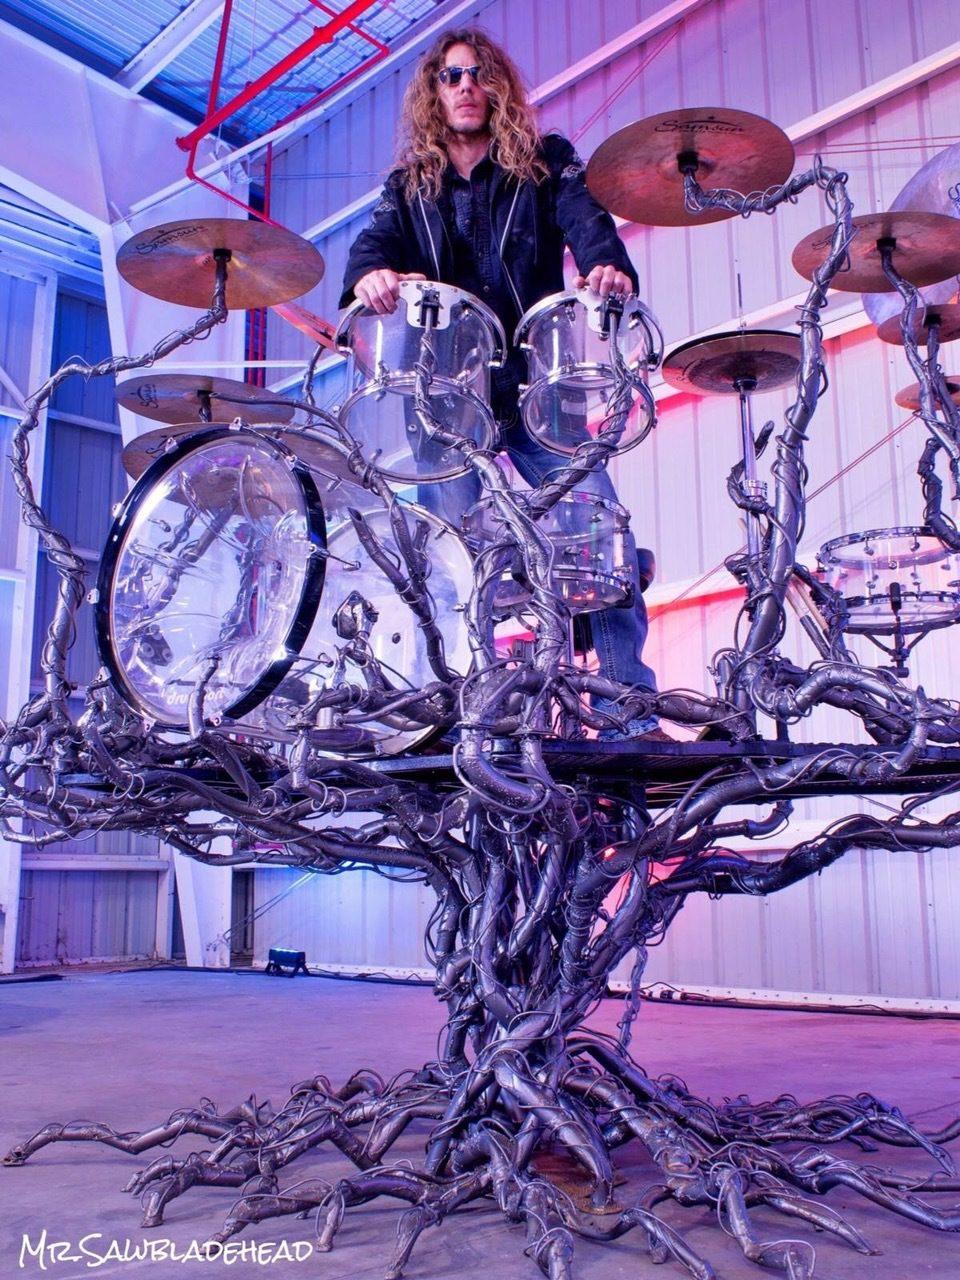 Mr. Sawbladehead Life Tree Drum Sculpture